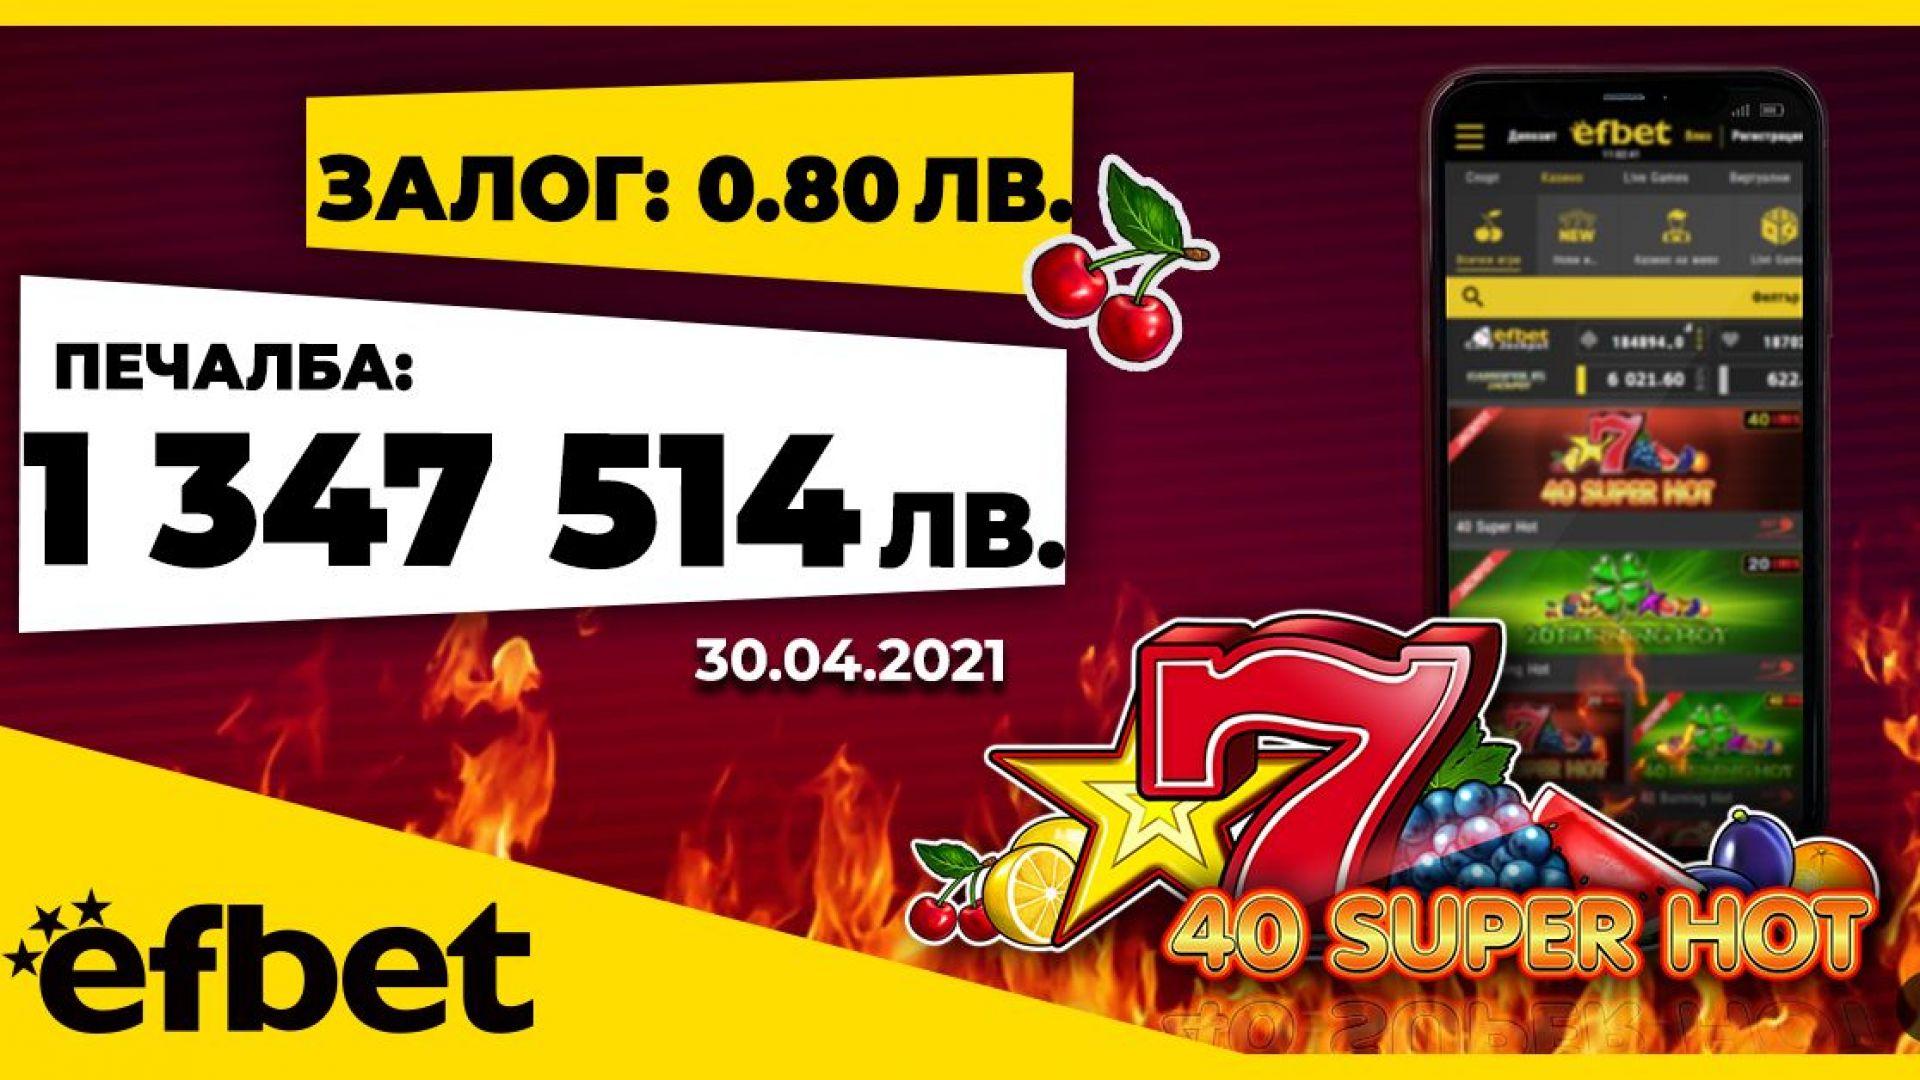 Нова рекордна печалба от efbet.com 1 347 514 лева